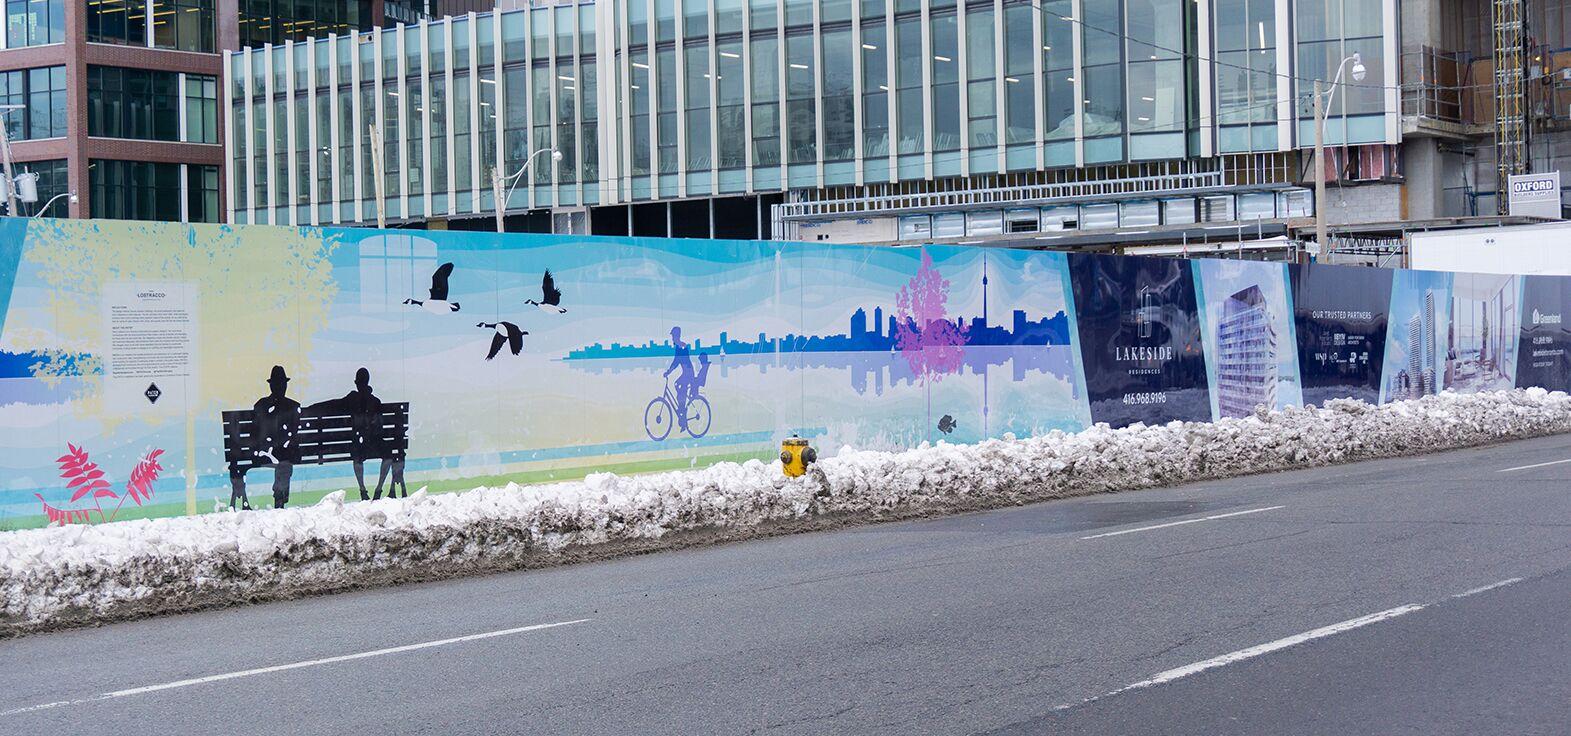 lakeside_mural2